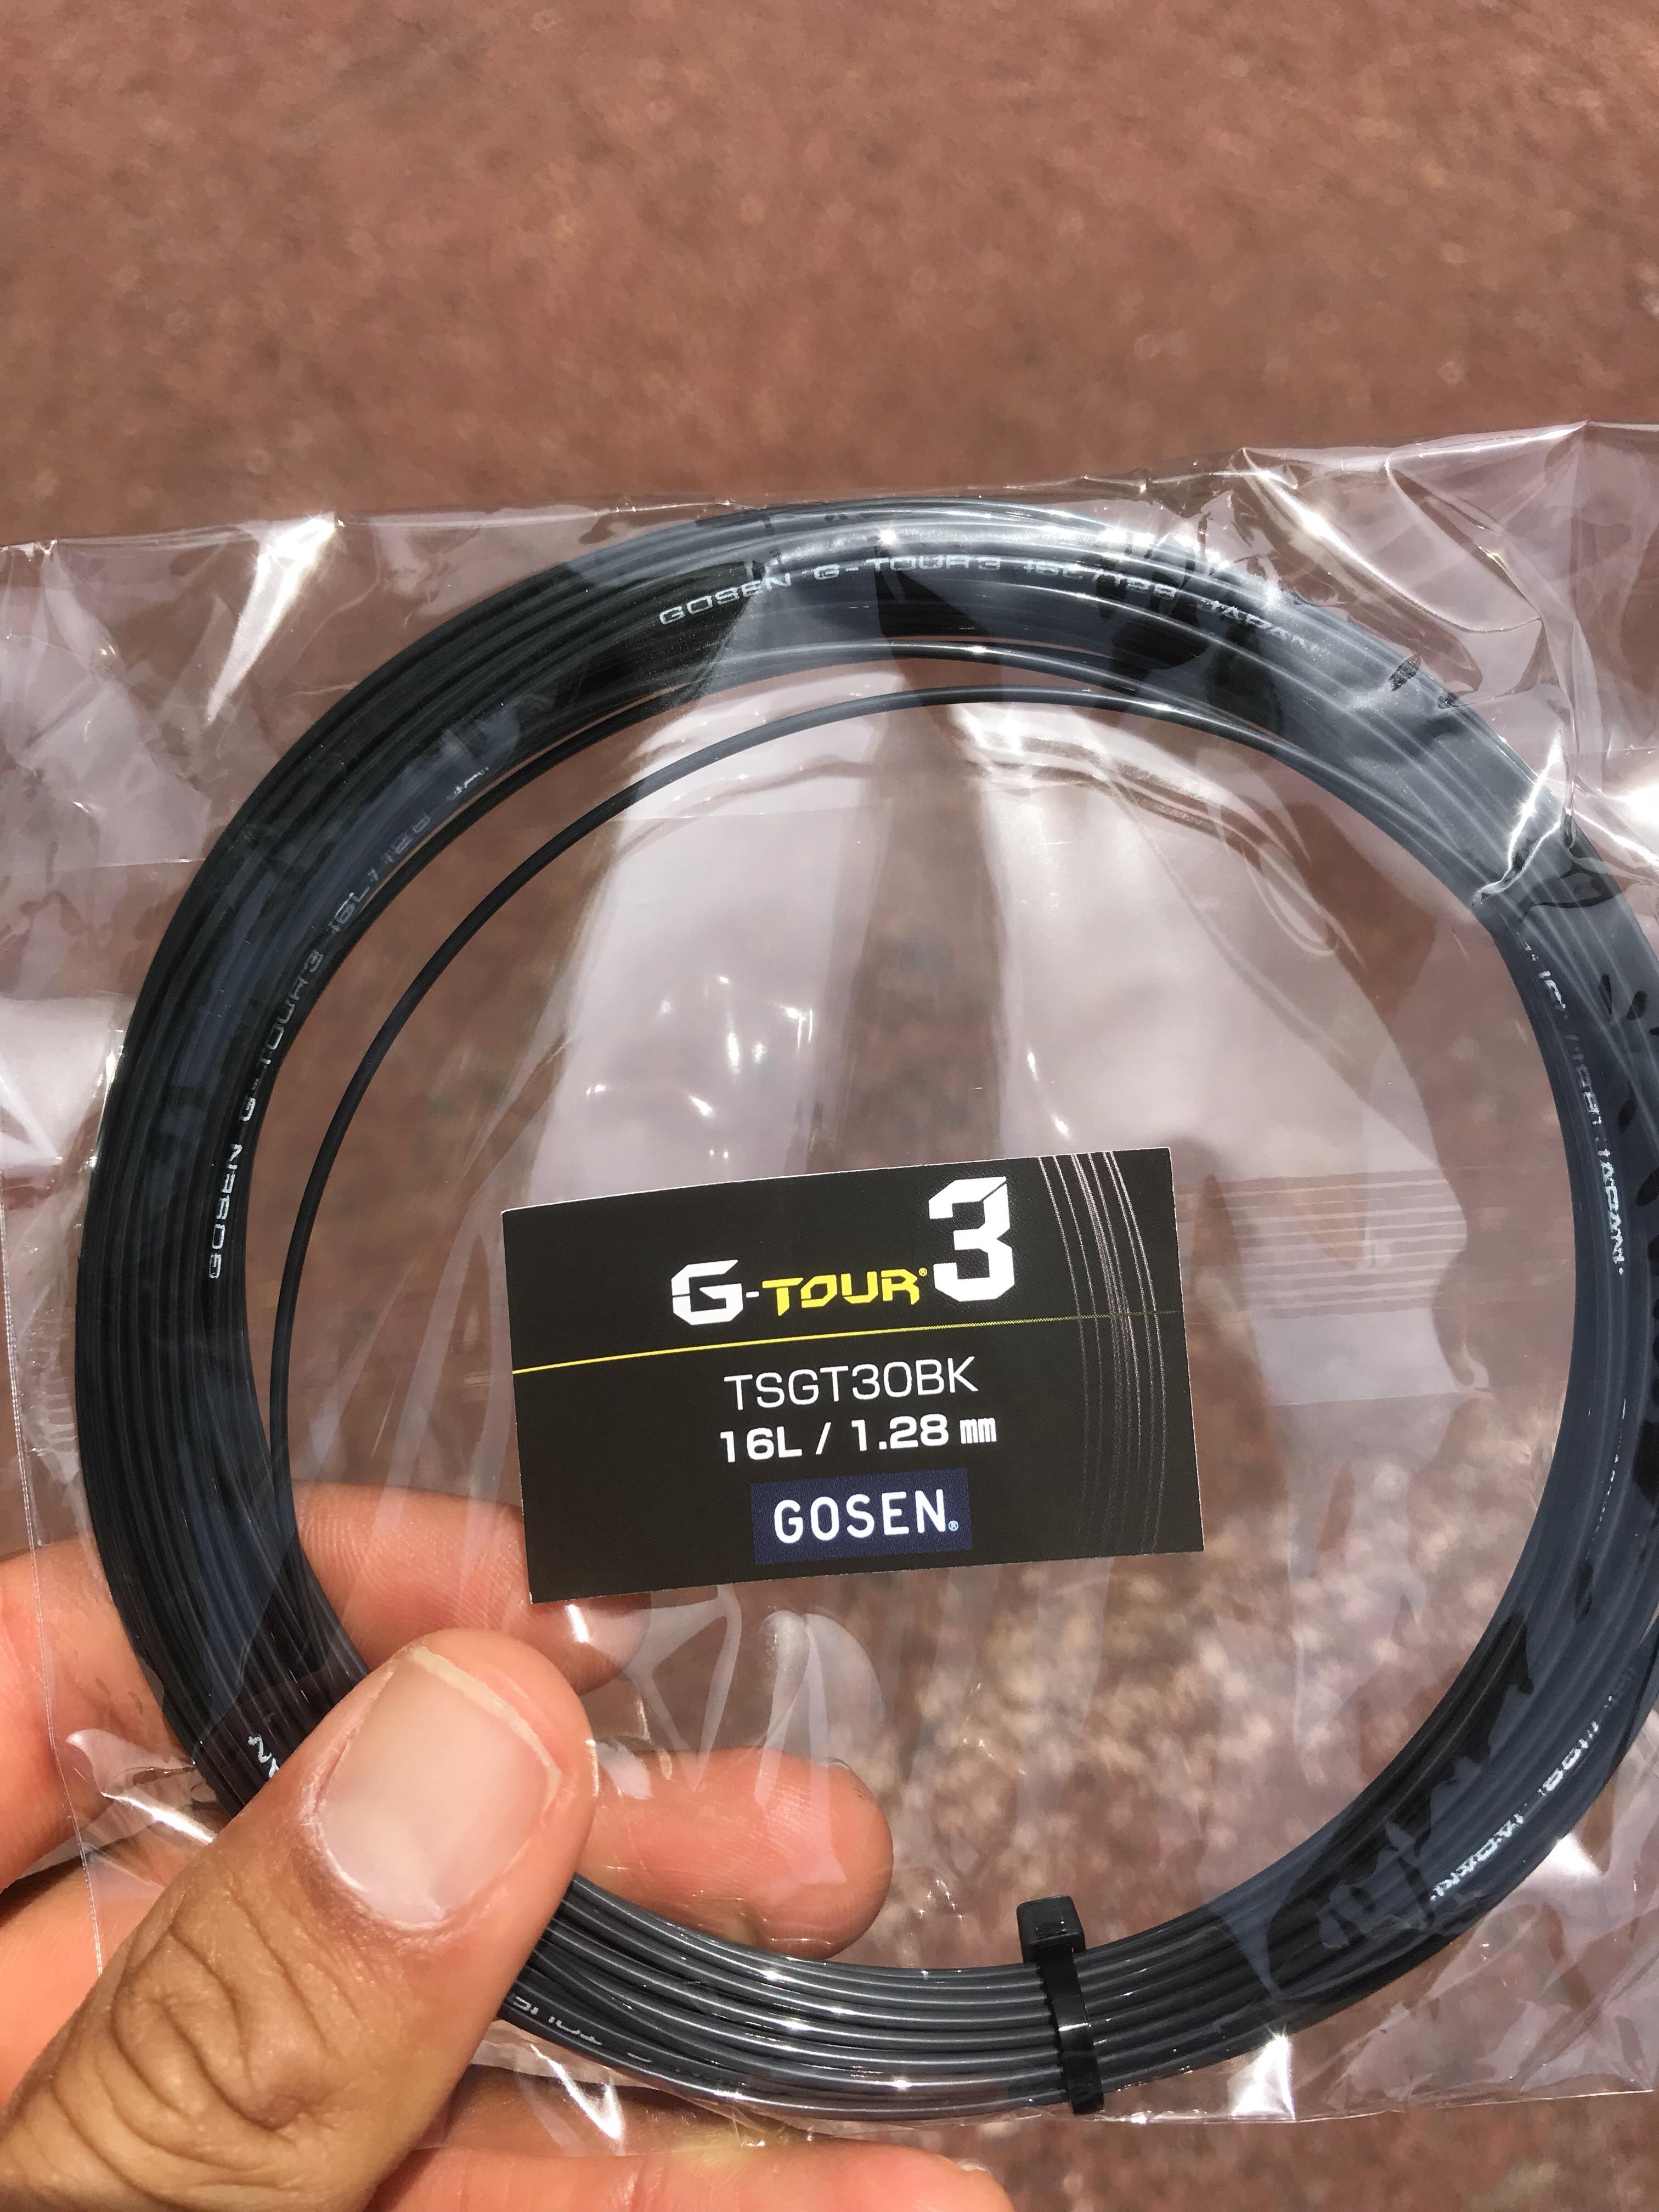 NEW G-tour3 1,28mm ブラック【プロテニスプレイヤー比嘉明人オフィシャルブログ】